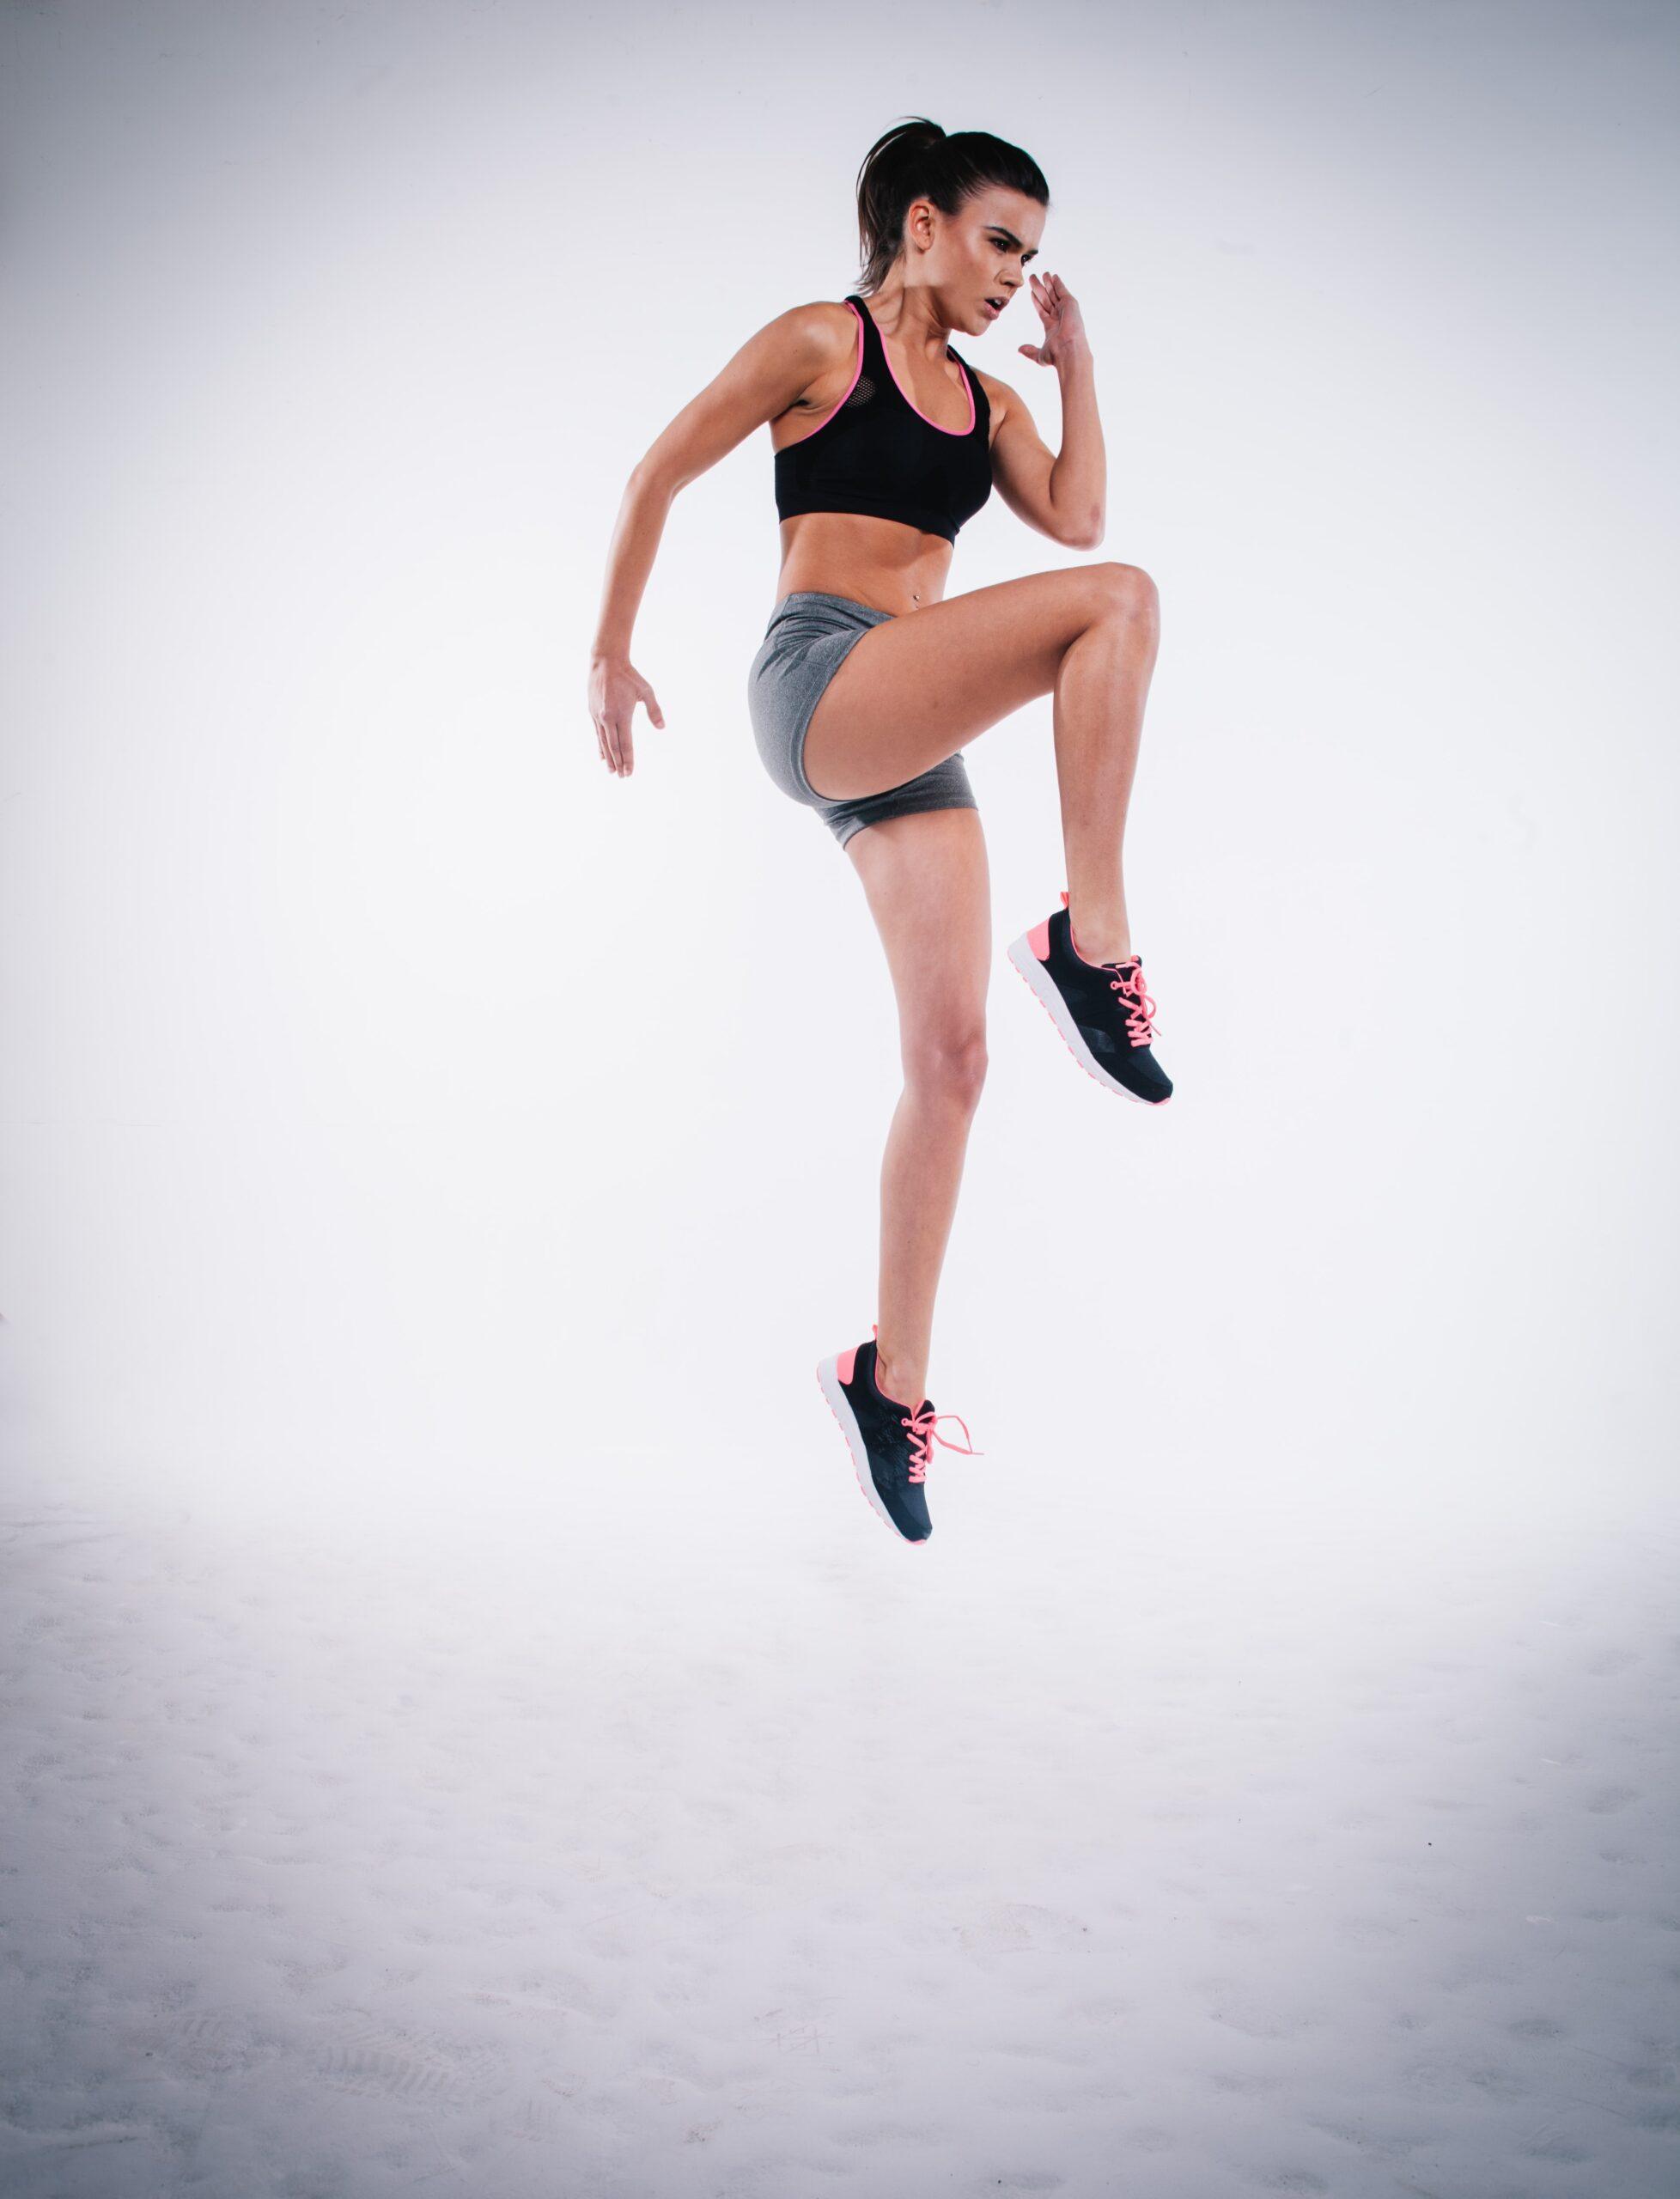 Μεγάλο το αντικαταθλιπτικό όφελος της αερόβιας άσκησης 1